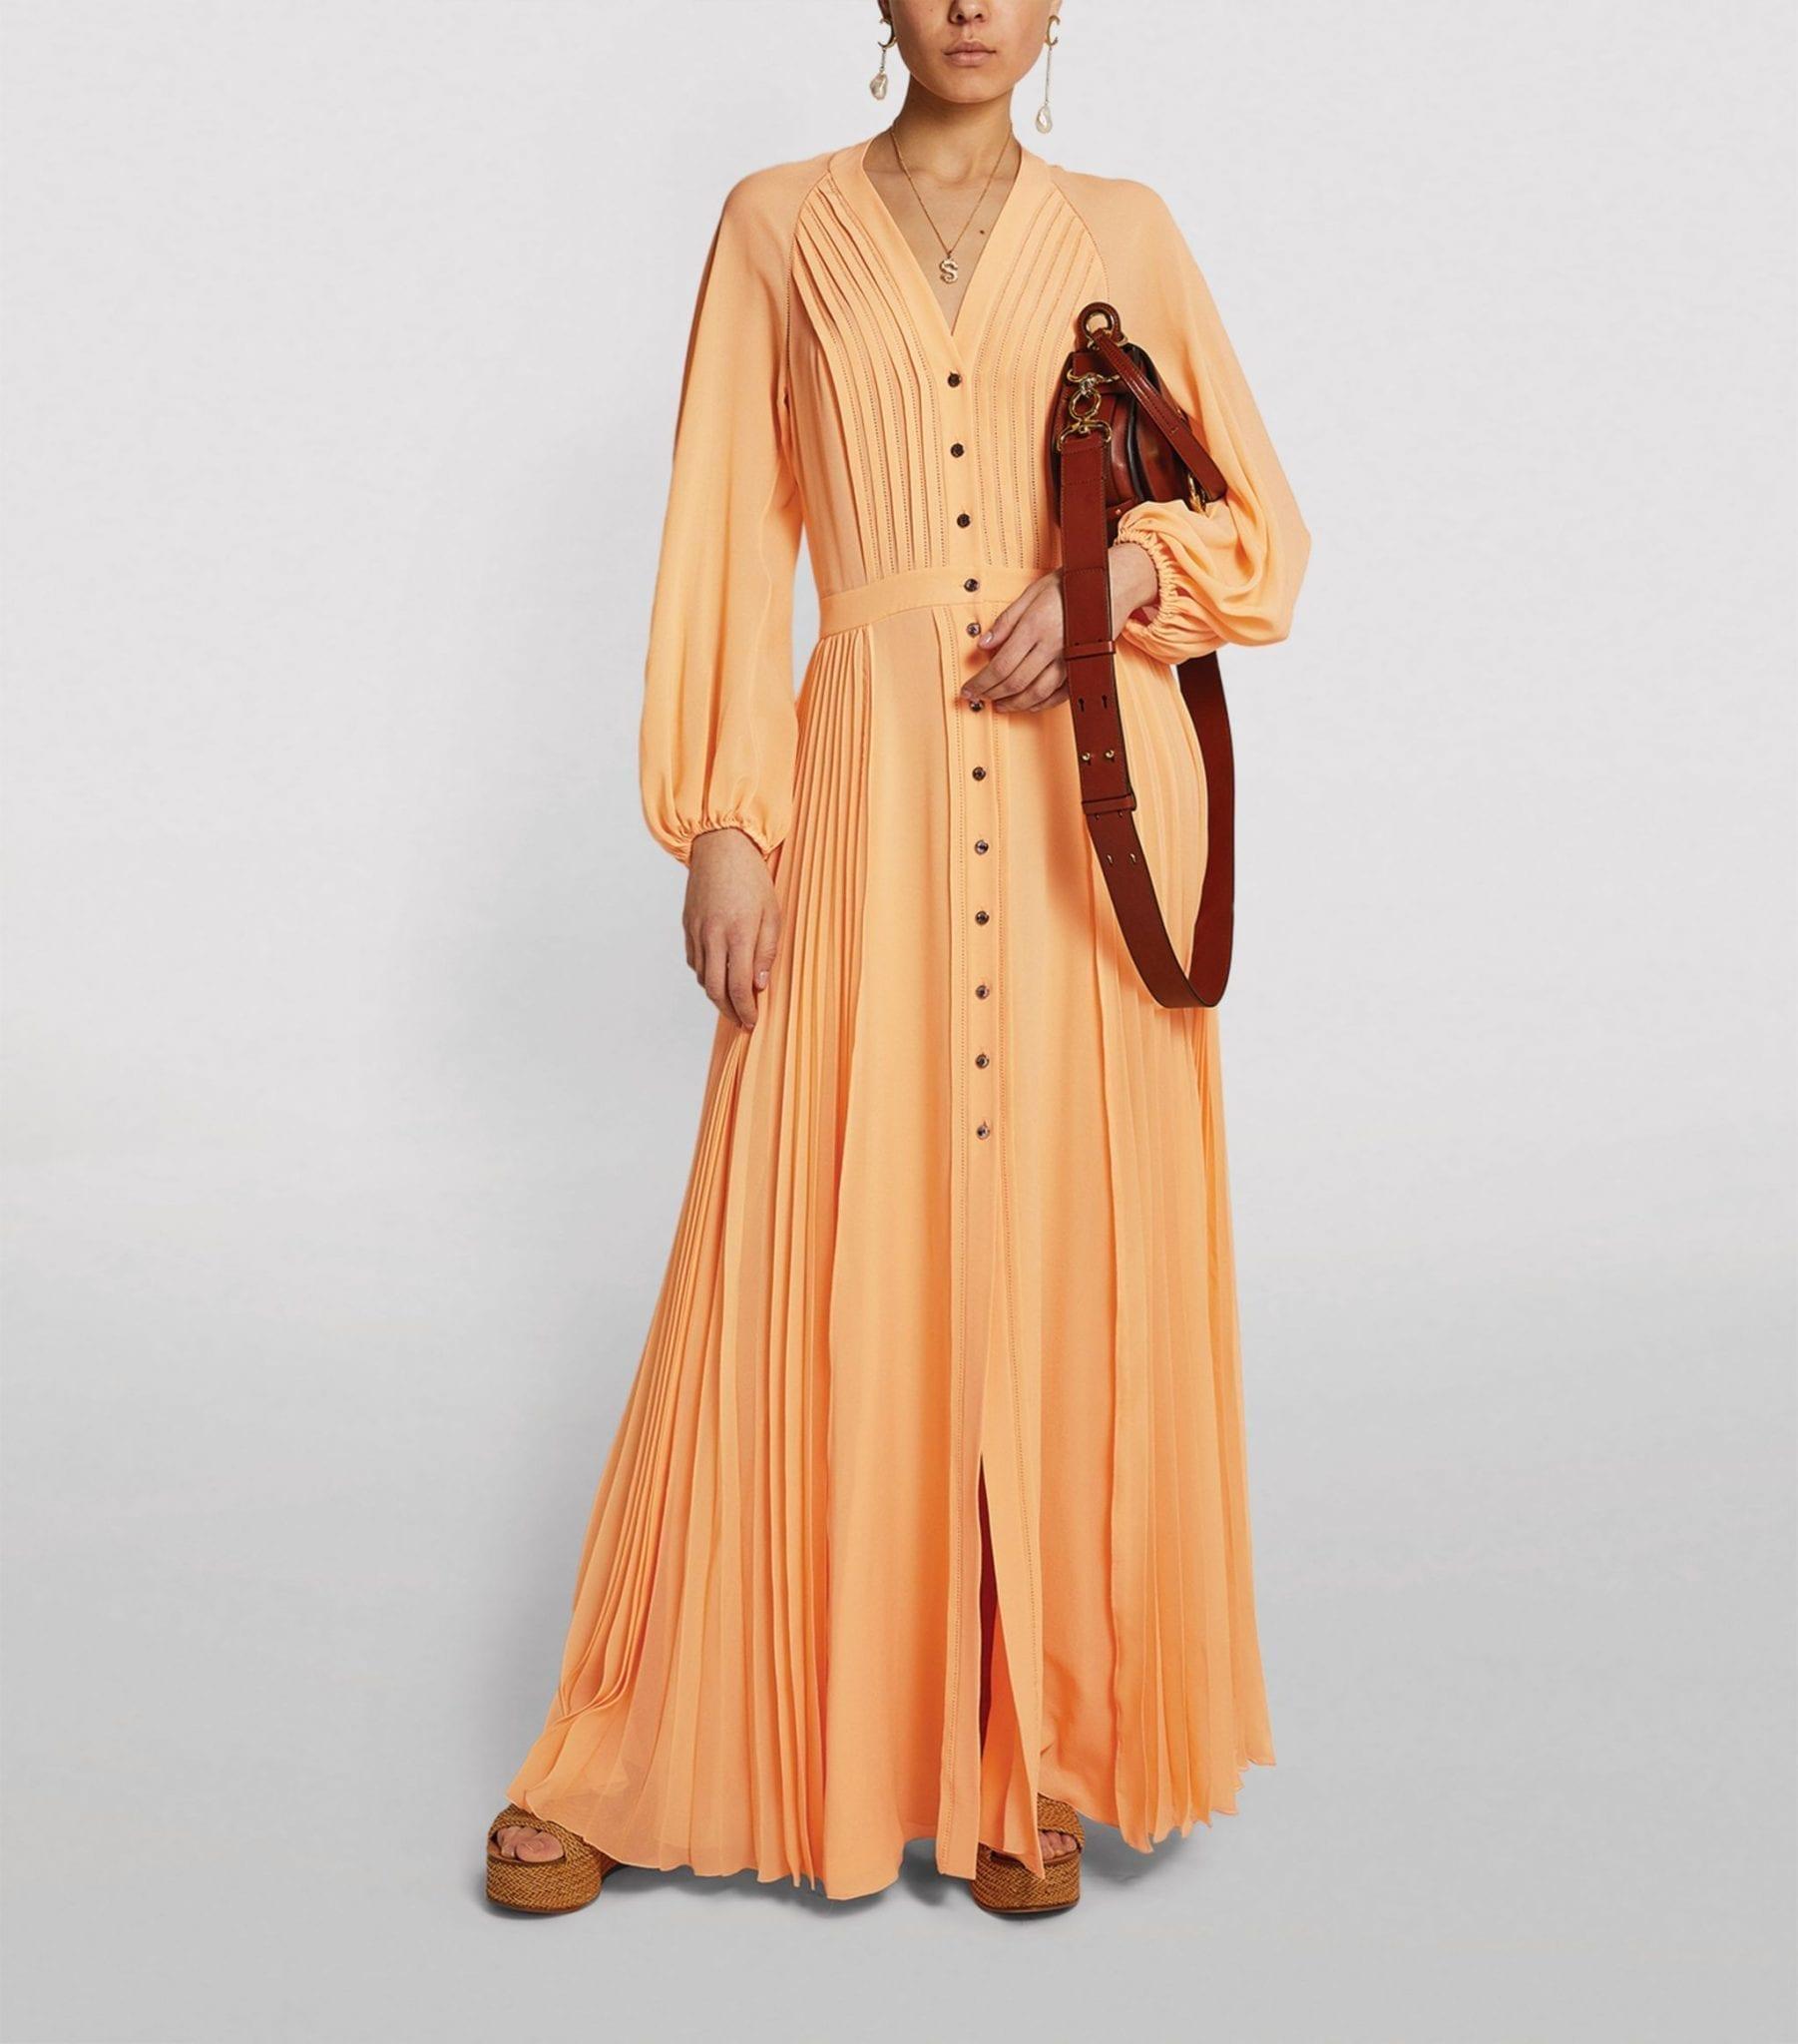 CHLOÉ Silk Pleated Dress